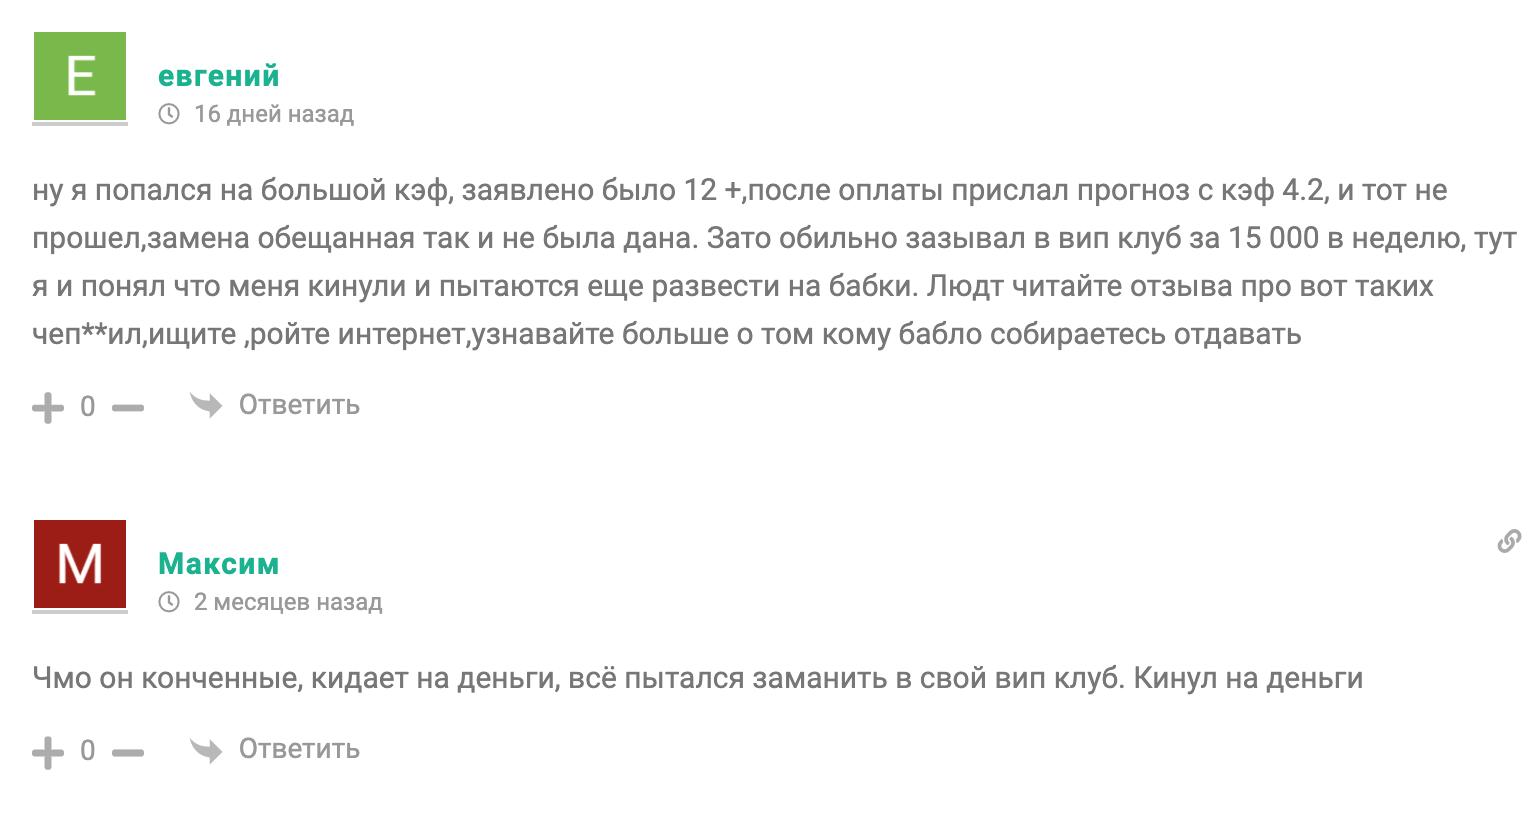 Отзывы о телеграм канале Иван Дроздов | Дневник Каппера